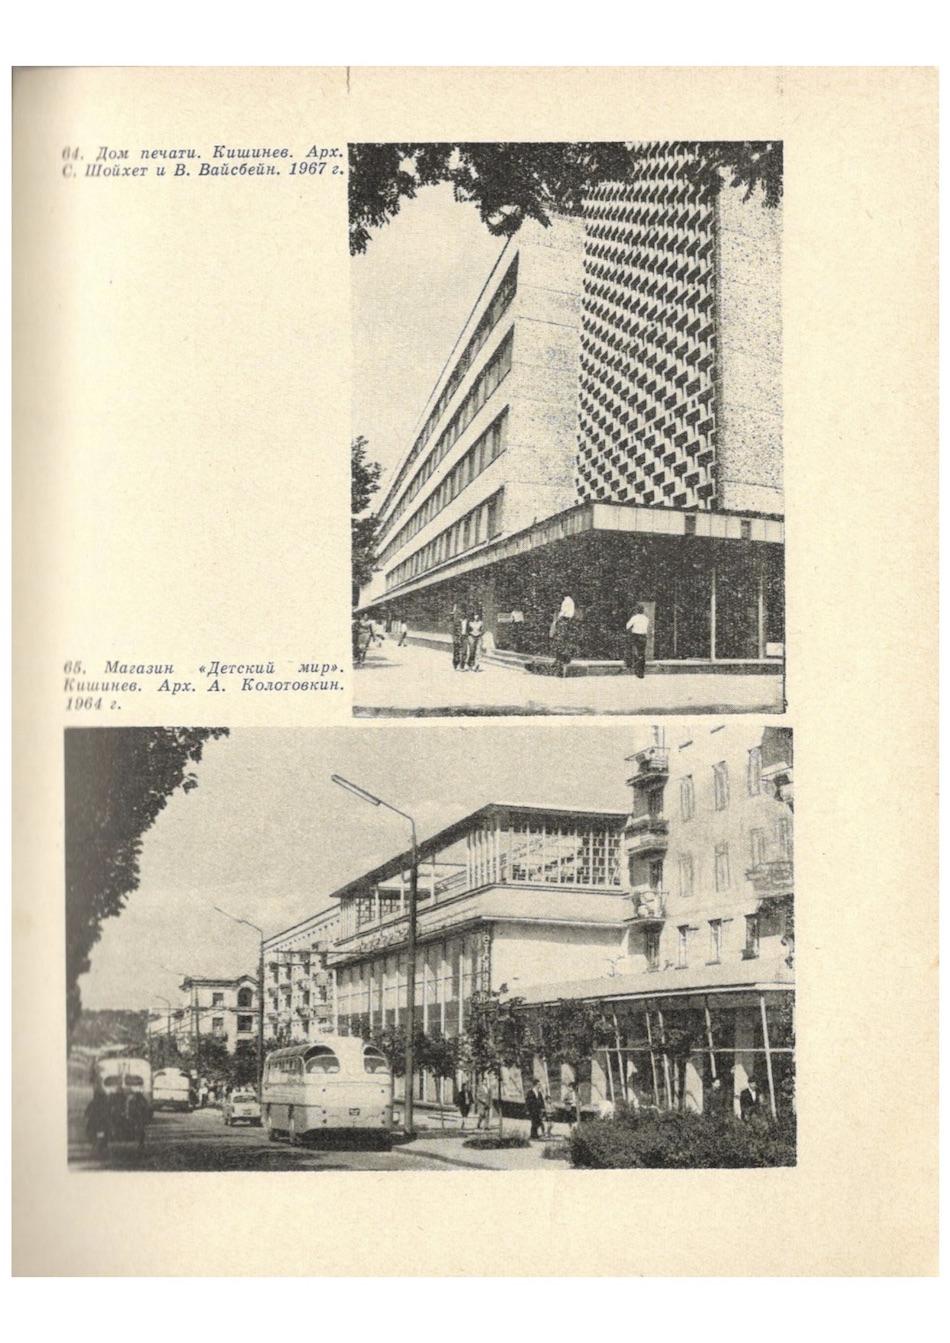 9876-Градостроительство-Молдавии-В-Ф-Смирнов